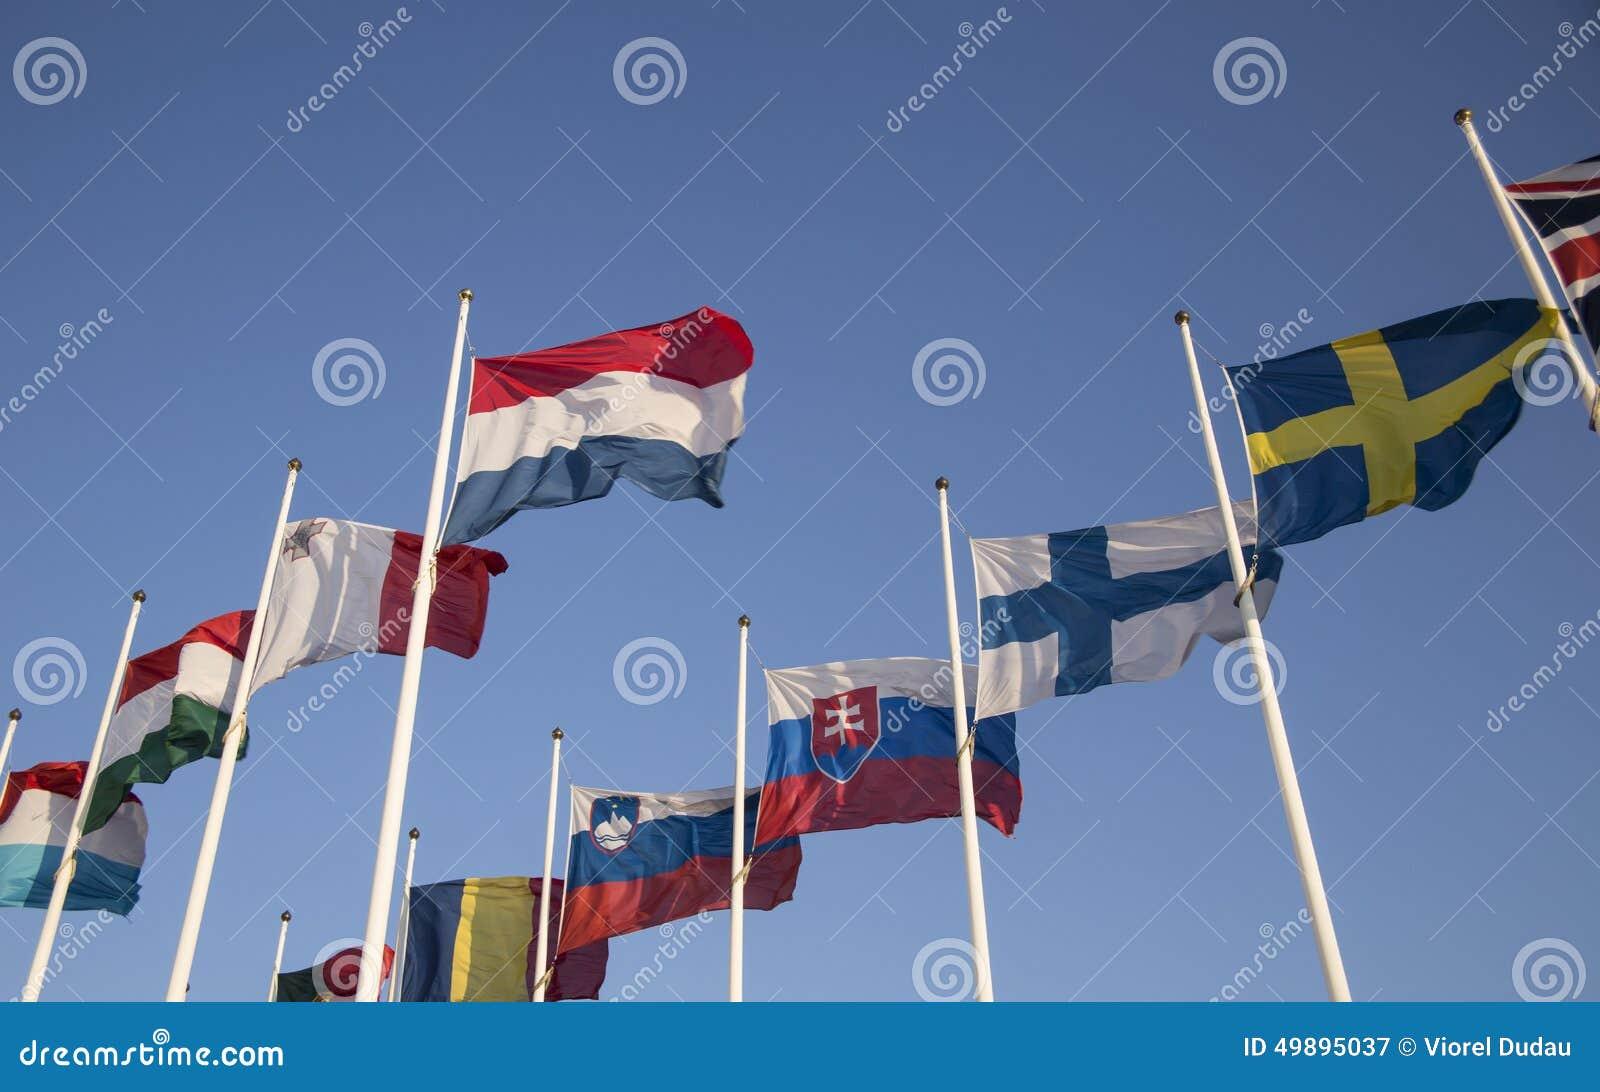 欧盟国旗图片